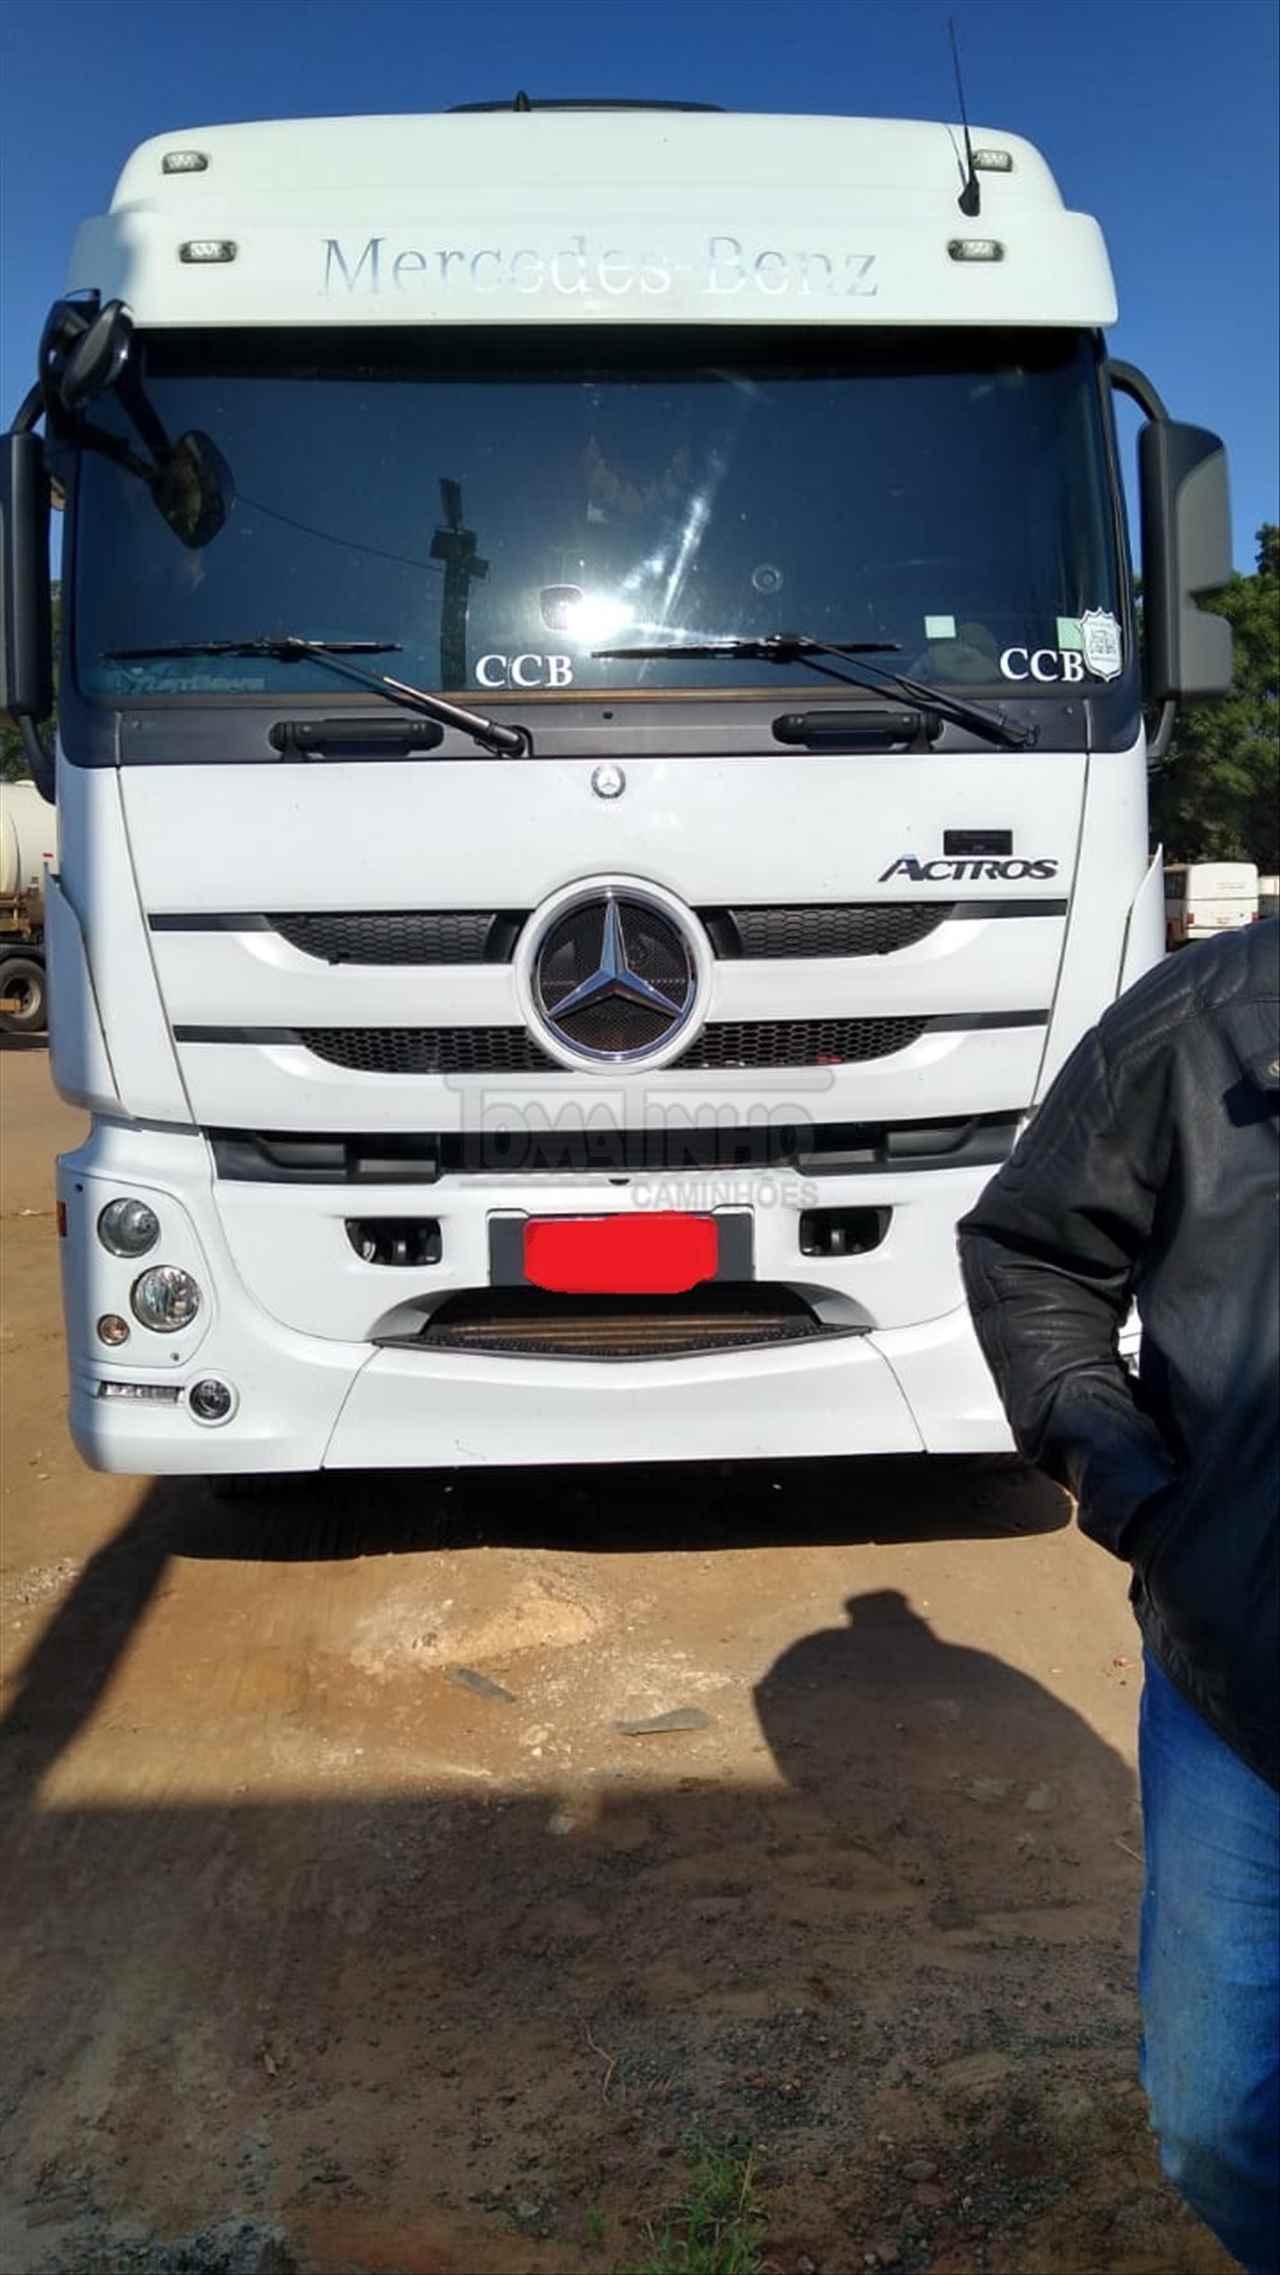 CAMINHAO MERCEDES-BENZ MB 2546 Cavalo Mecânico Truck 6x2 Tomatinho Caminhões RIBEIRAO PRETO SÃO PAULO SP